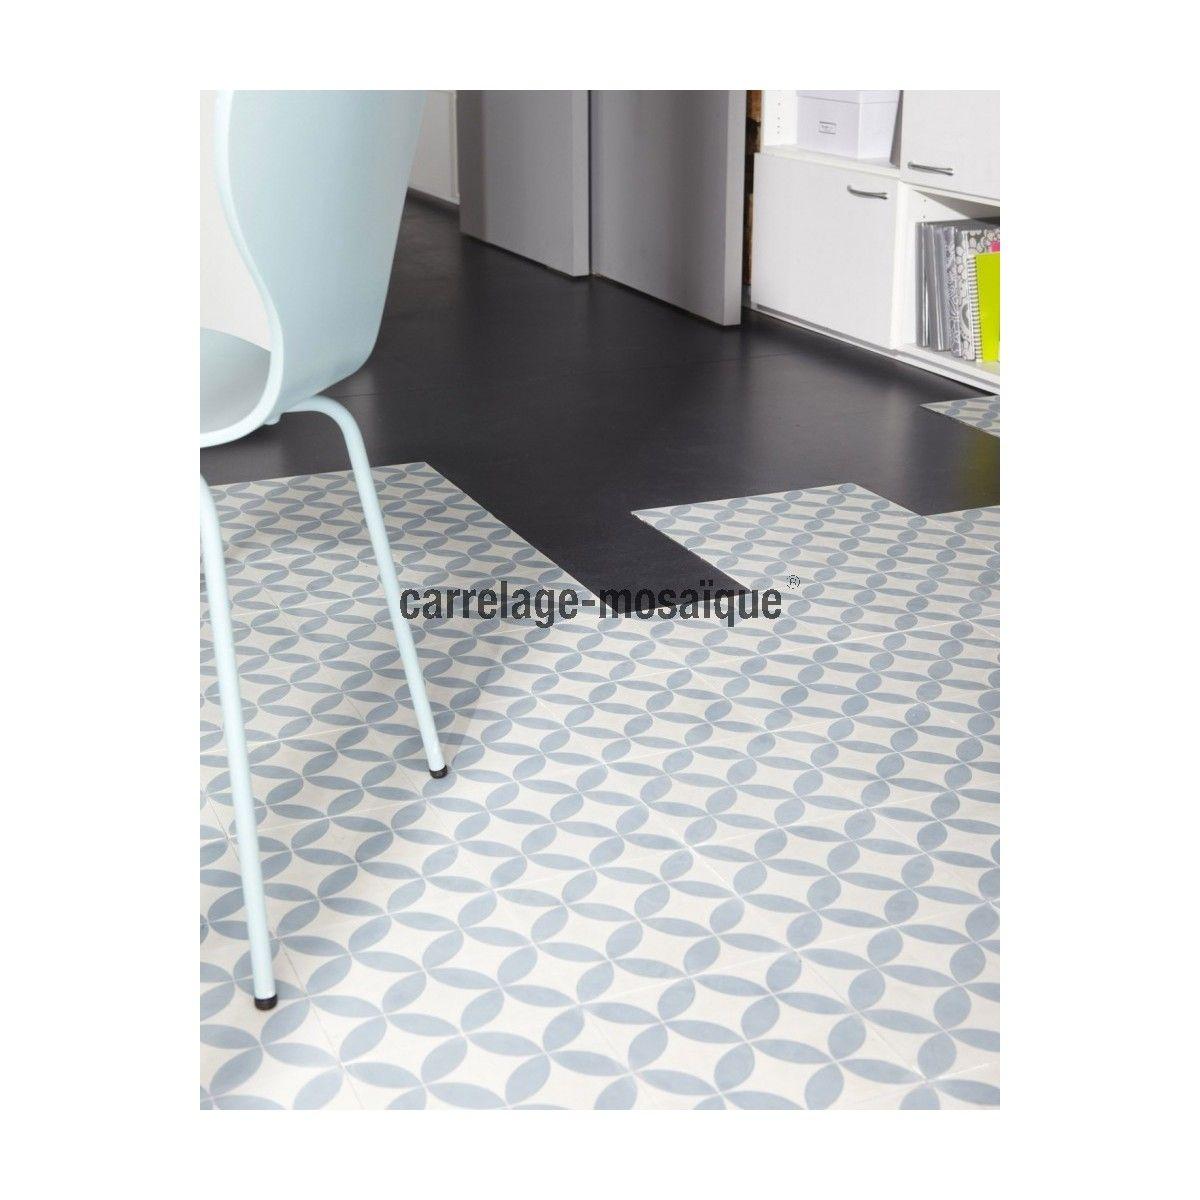 Carrelage Ciment Pas Cher 1m2 Modele Sampa Gris Carrelage Mosaique Carreau De Ciment Ciment Carrelage Ciment